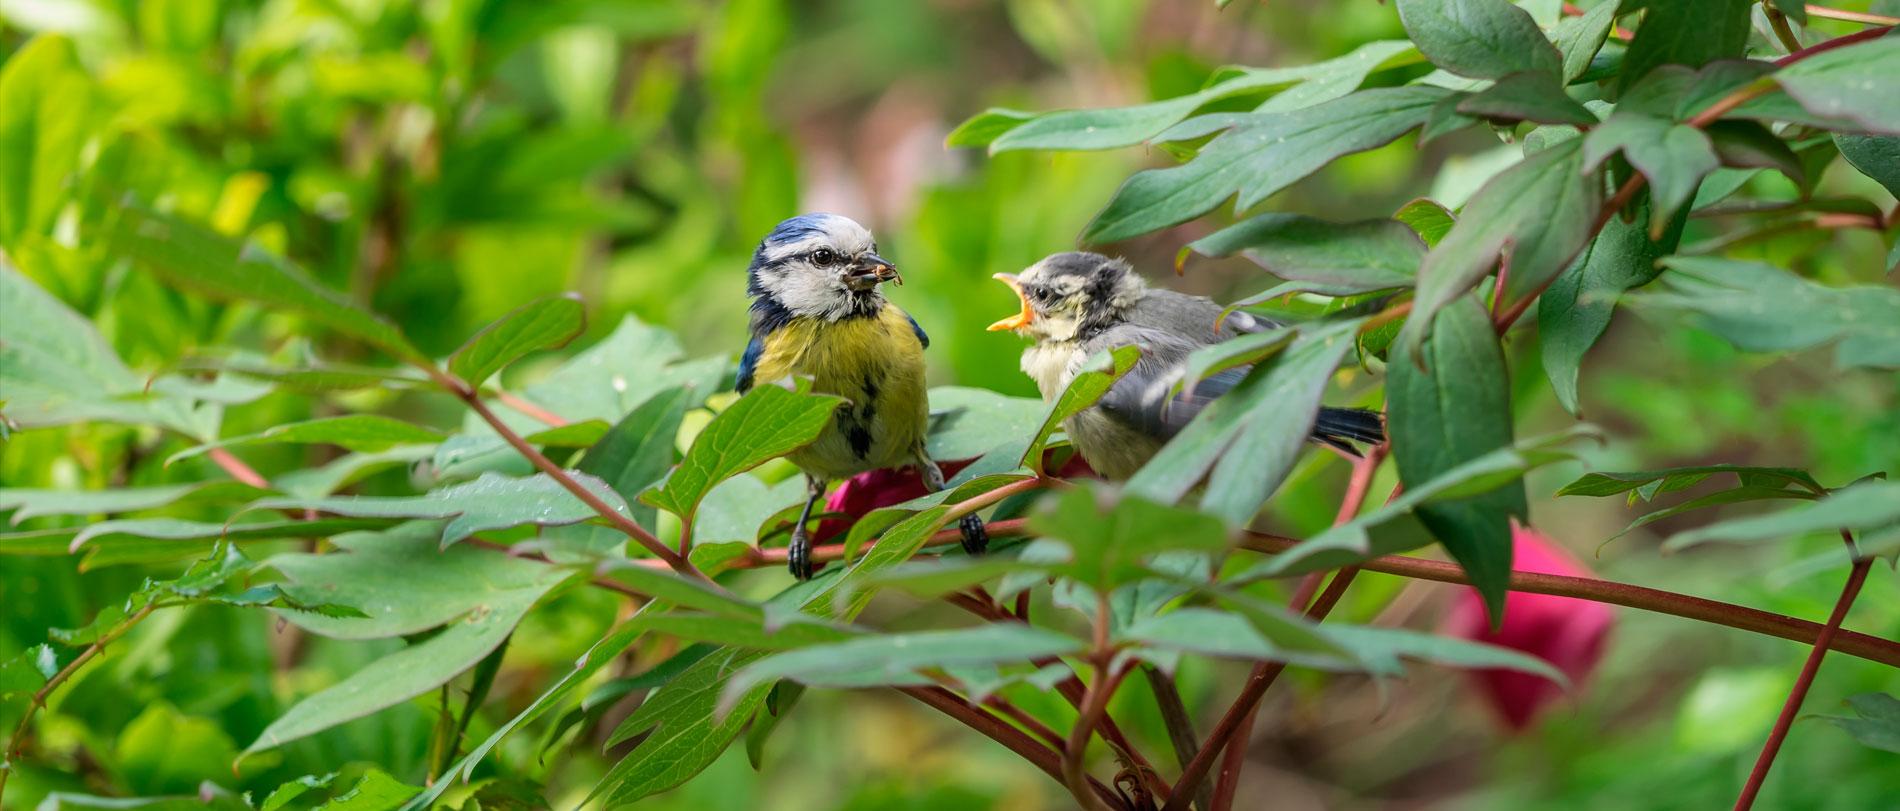 Picture of bird in garden